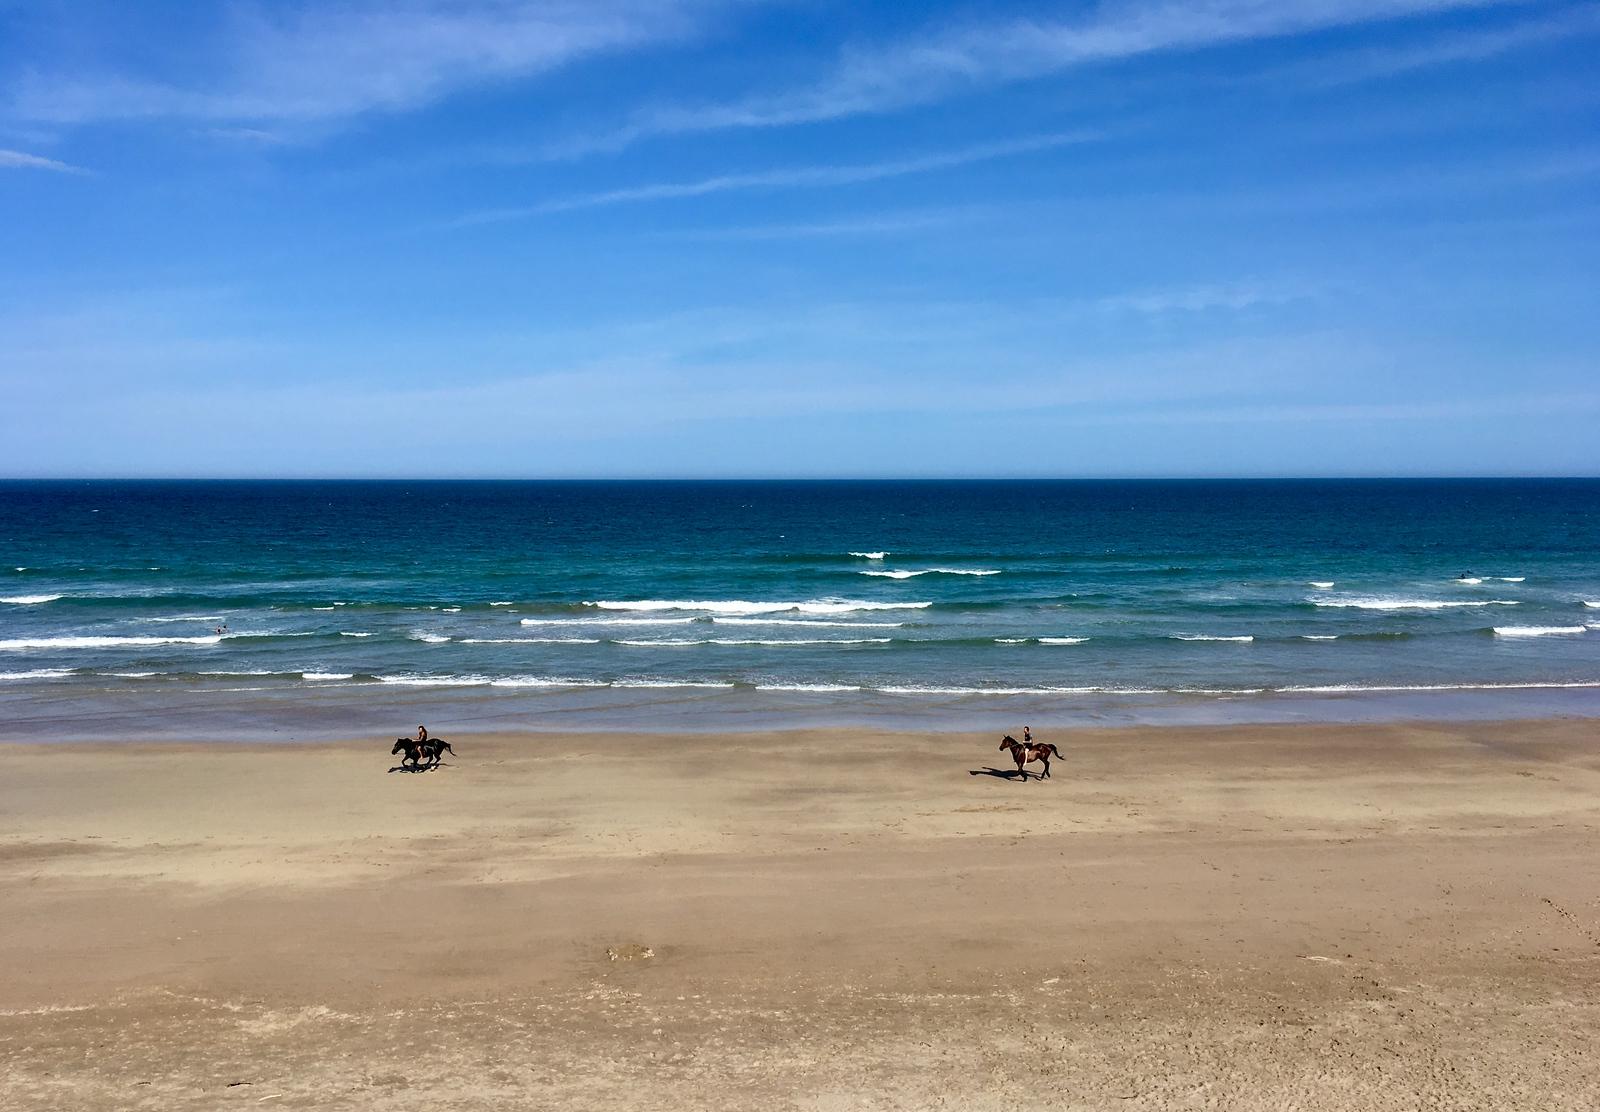 Horses on Wainui Beach